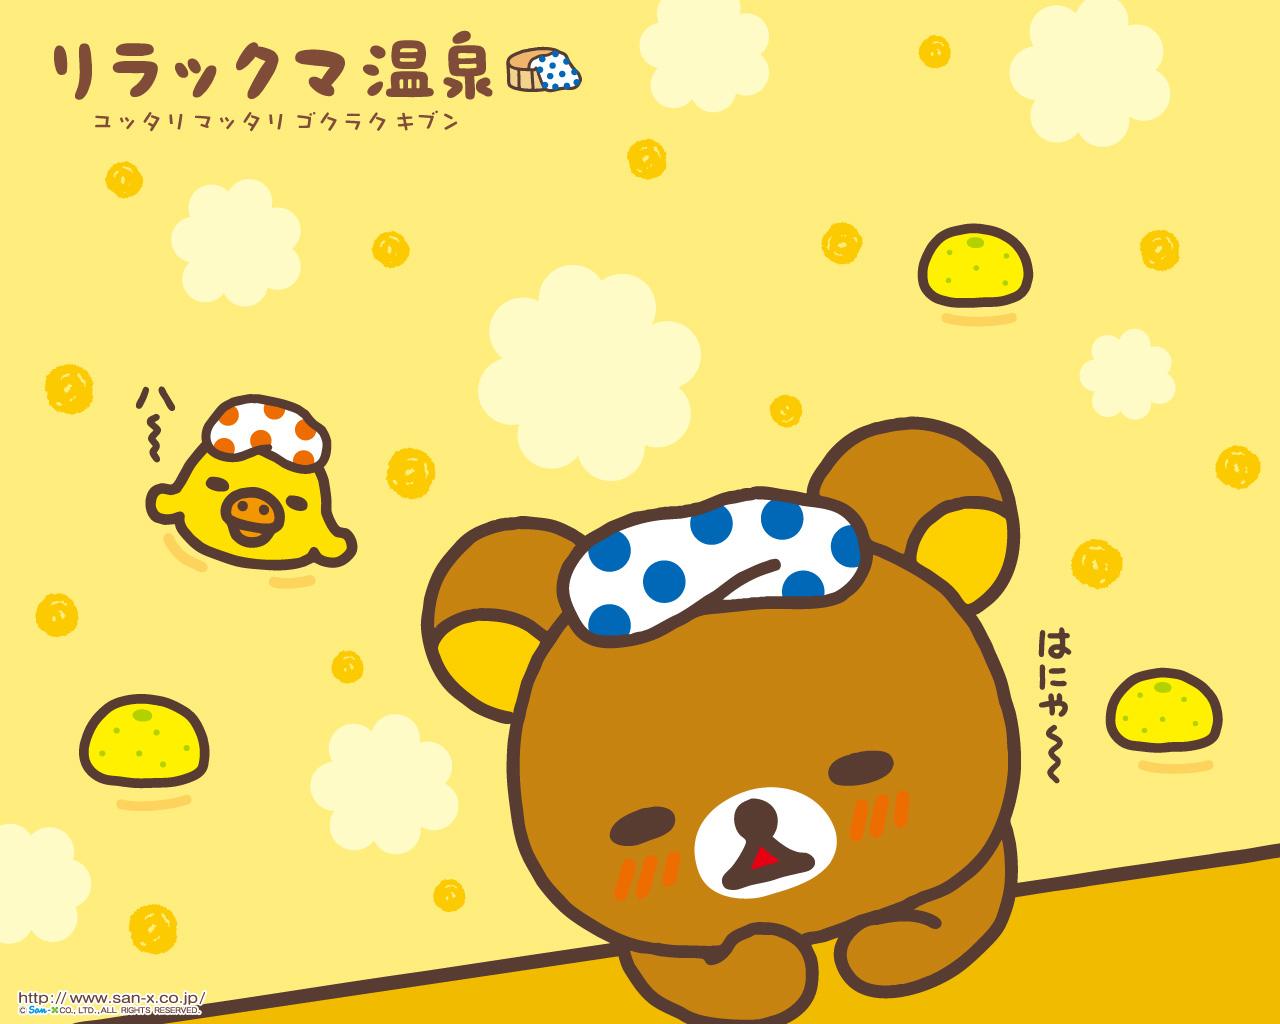 http://1.bp.blogspot.com/-TZ-z6Q_SazI/TcOJ-p4BDcI/AAAAAAAAAeA/Ks03bsRIARI/s1600/onsen.jpg